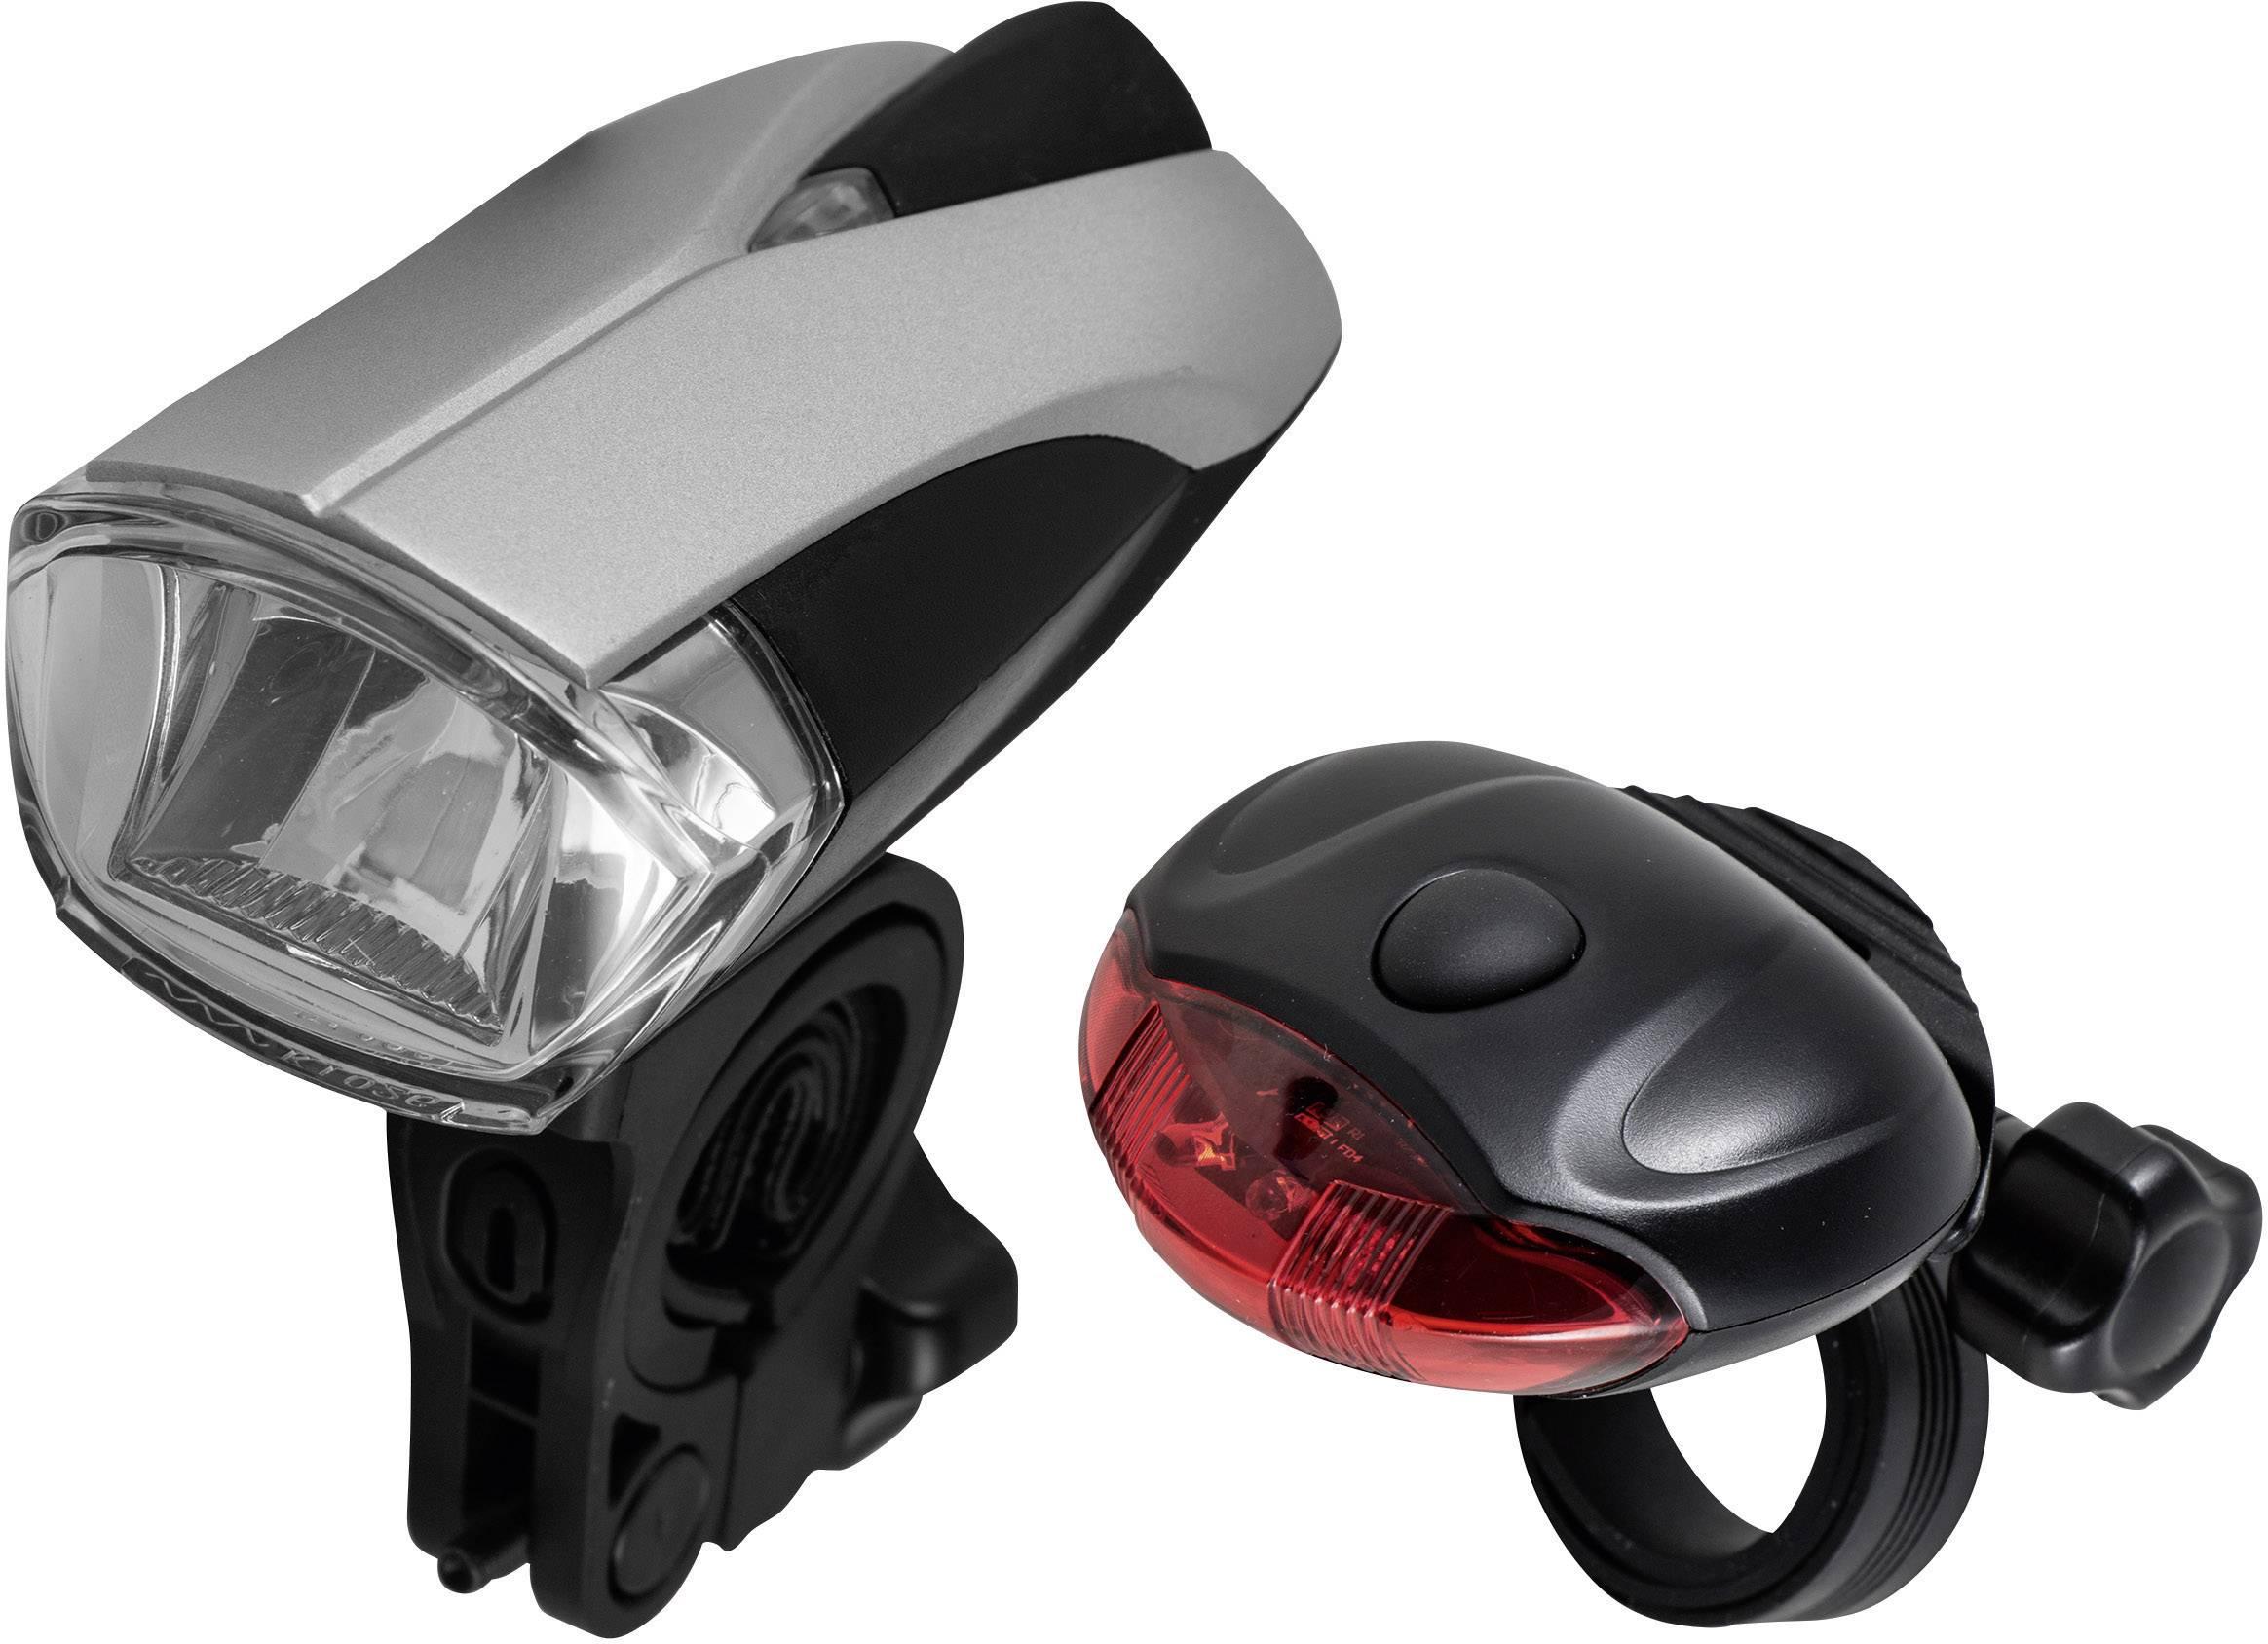 Sada LED osvětlení pro kolo Varta Bike 62585, 10 lx